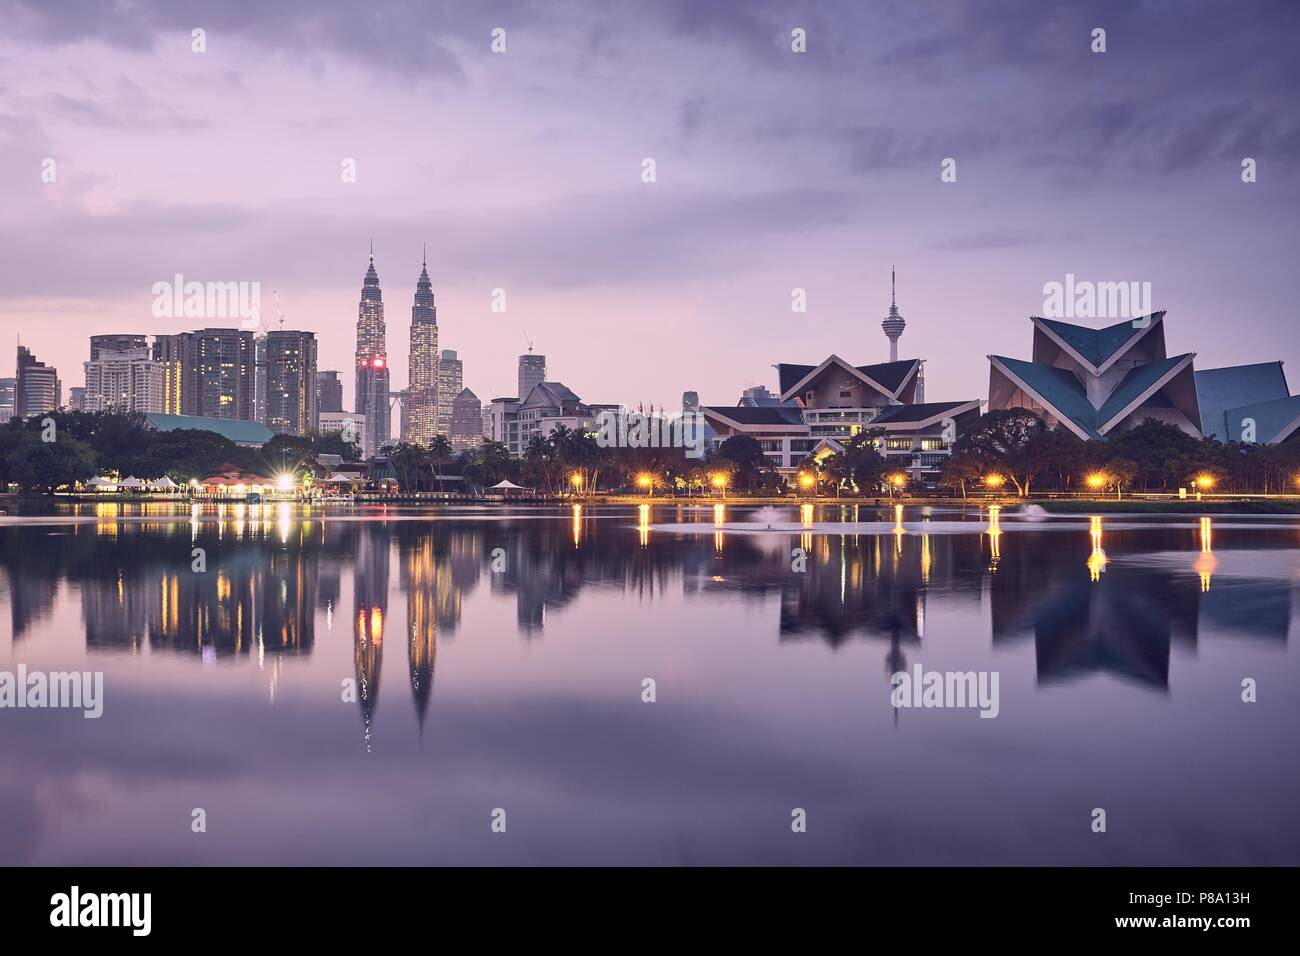 Moody sunrise en Kuala Lumpur, en Malasia. Reflejo del horizonte urbano en el lago. Imagen De Stock